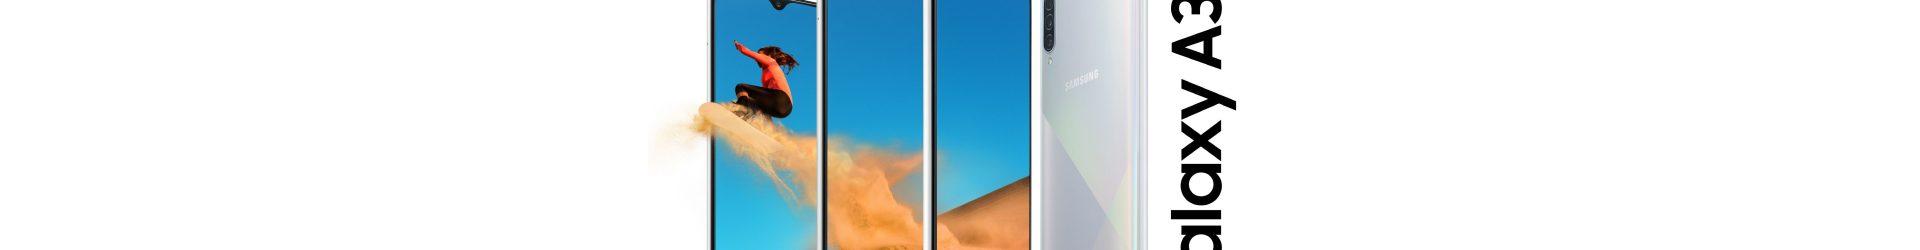 Samsung Galaxy A30s ufficiale: ottime fotocamere, super display e grande batteria